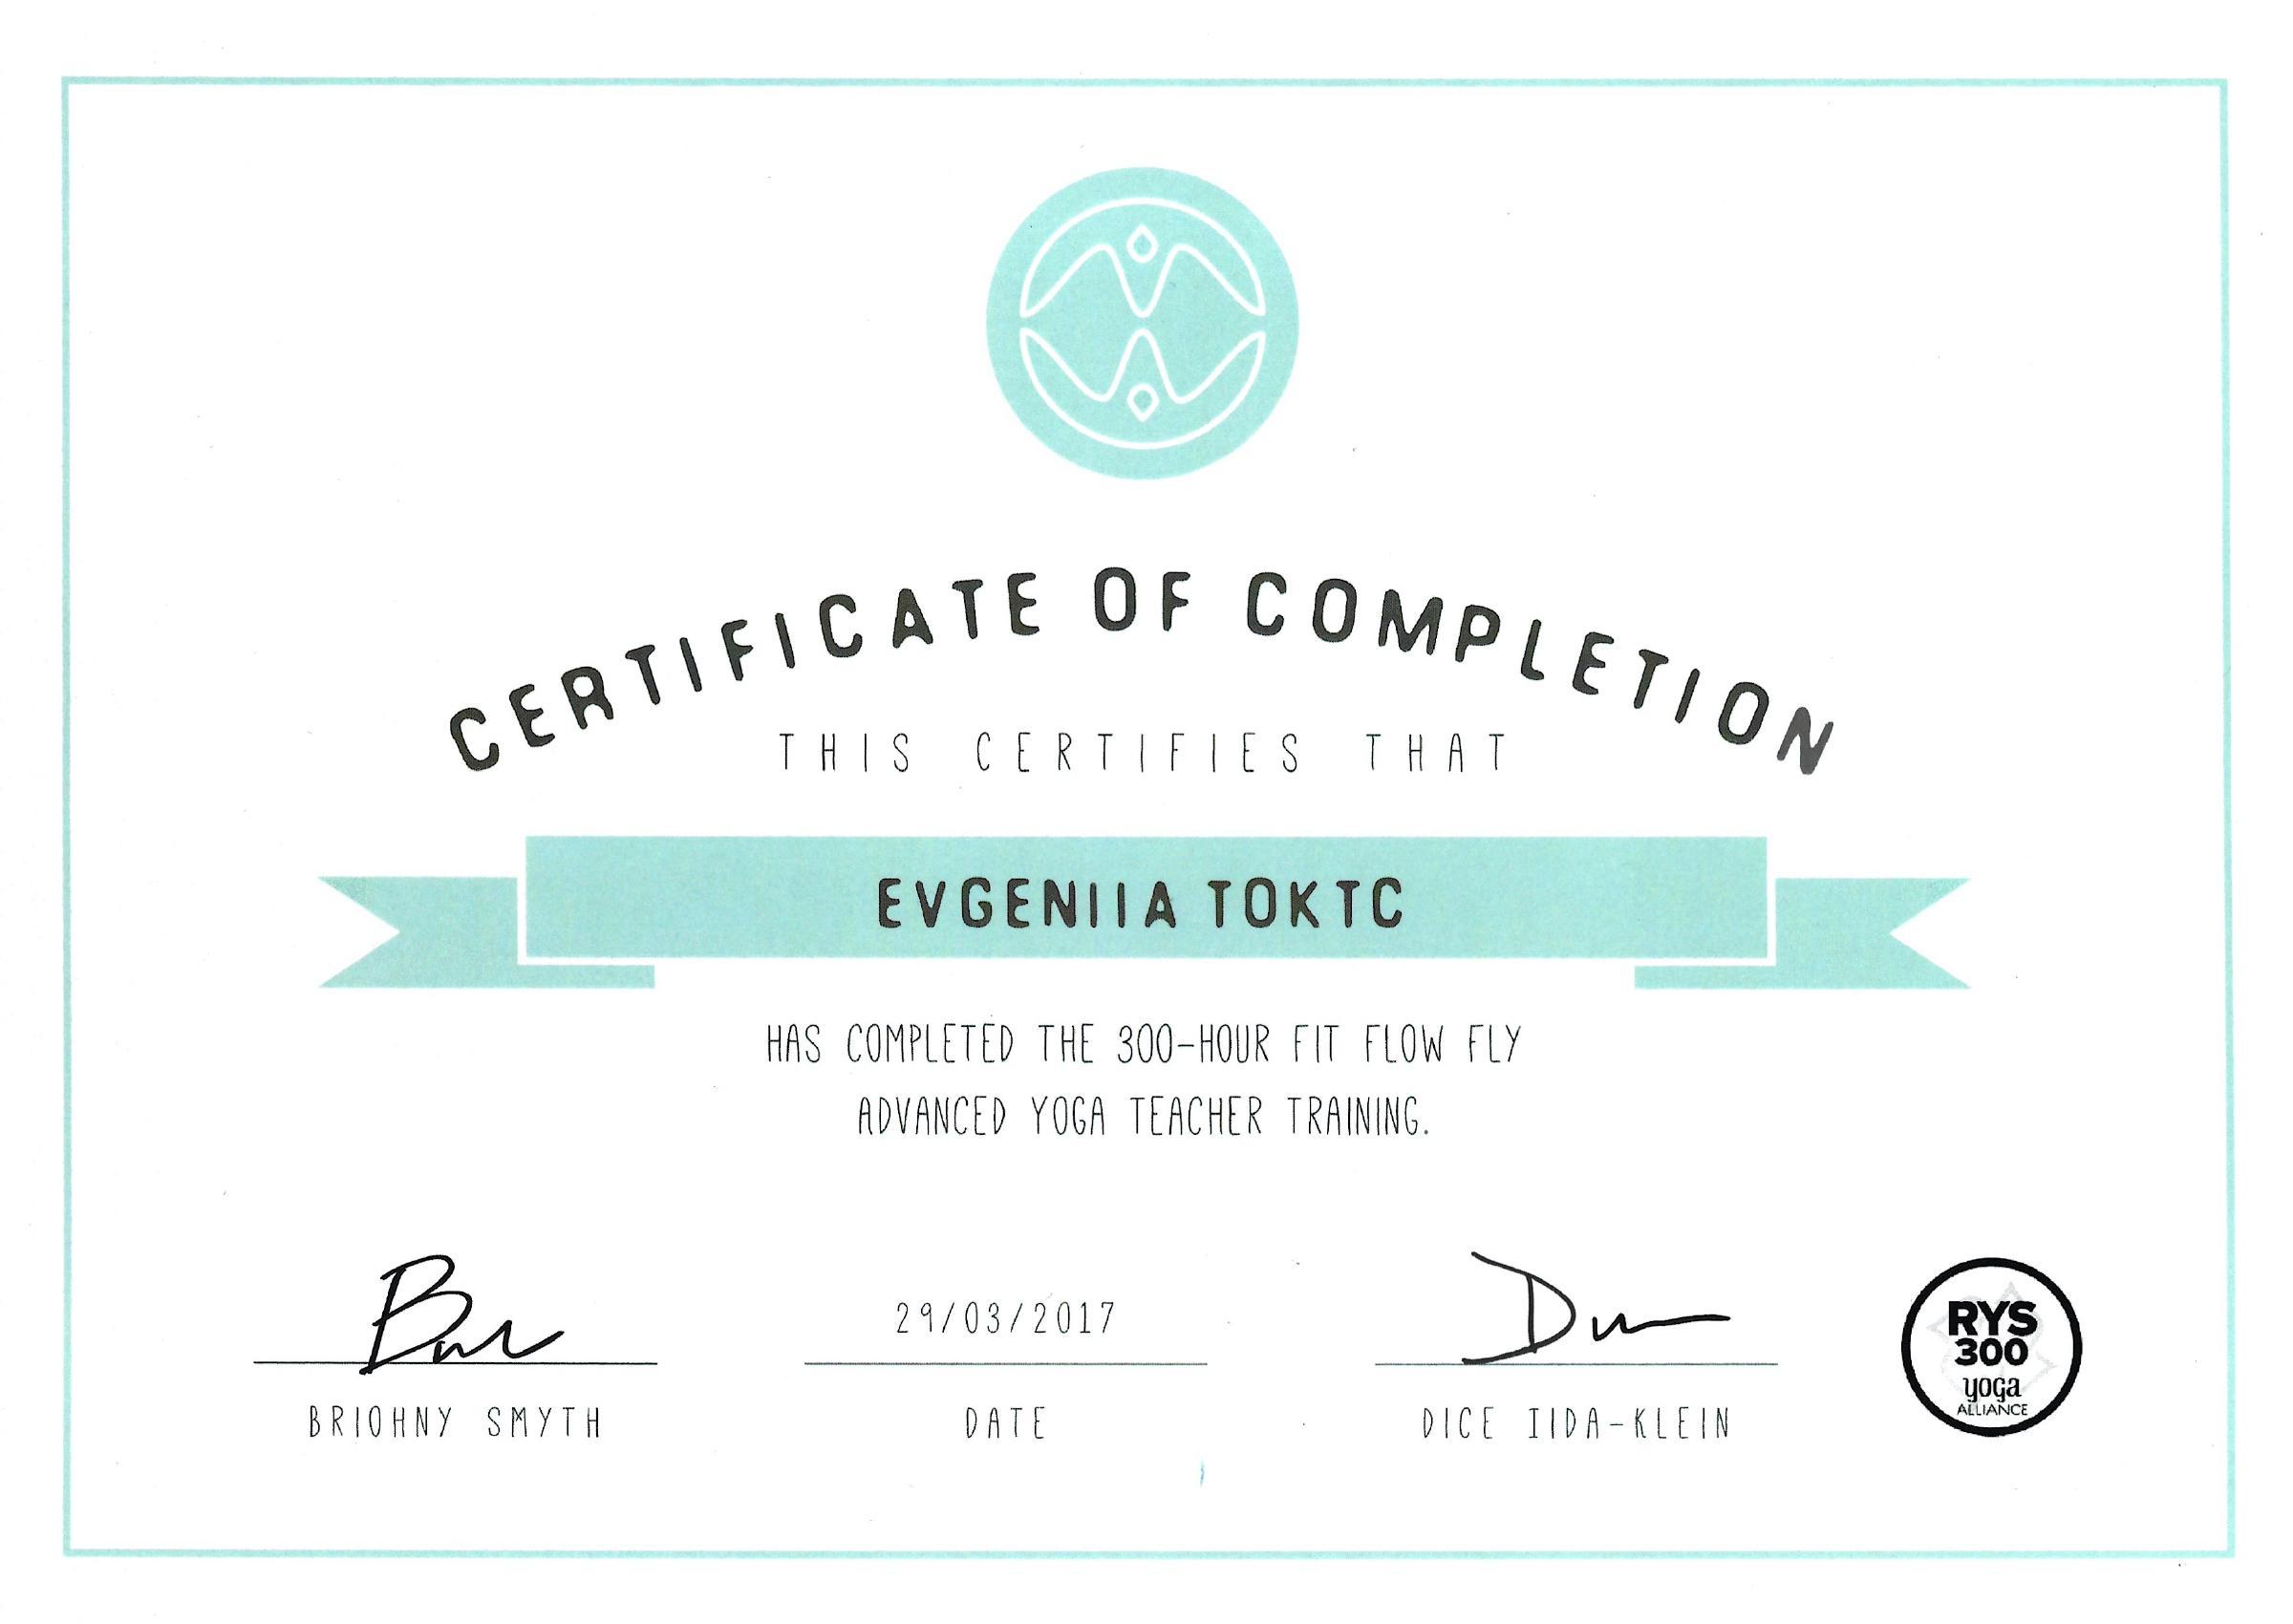 Certificate RYS300